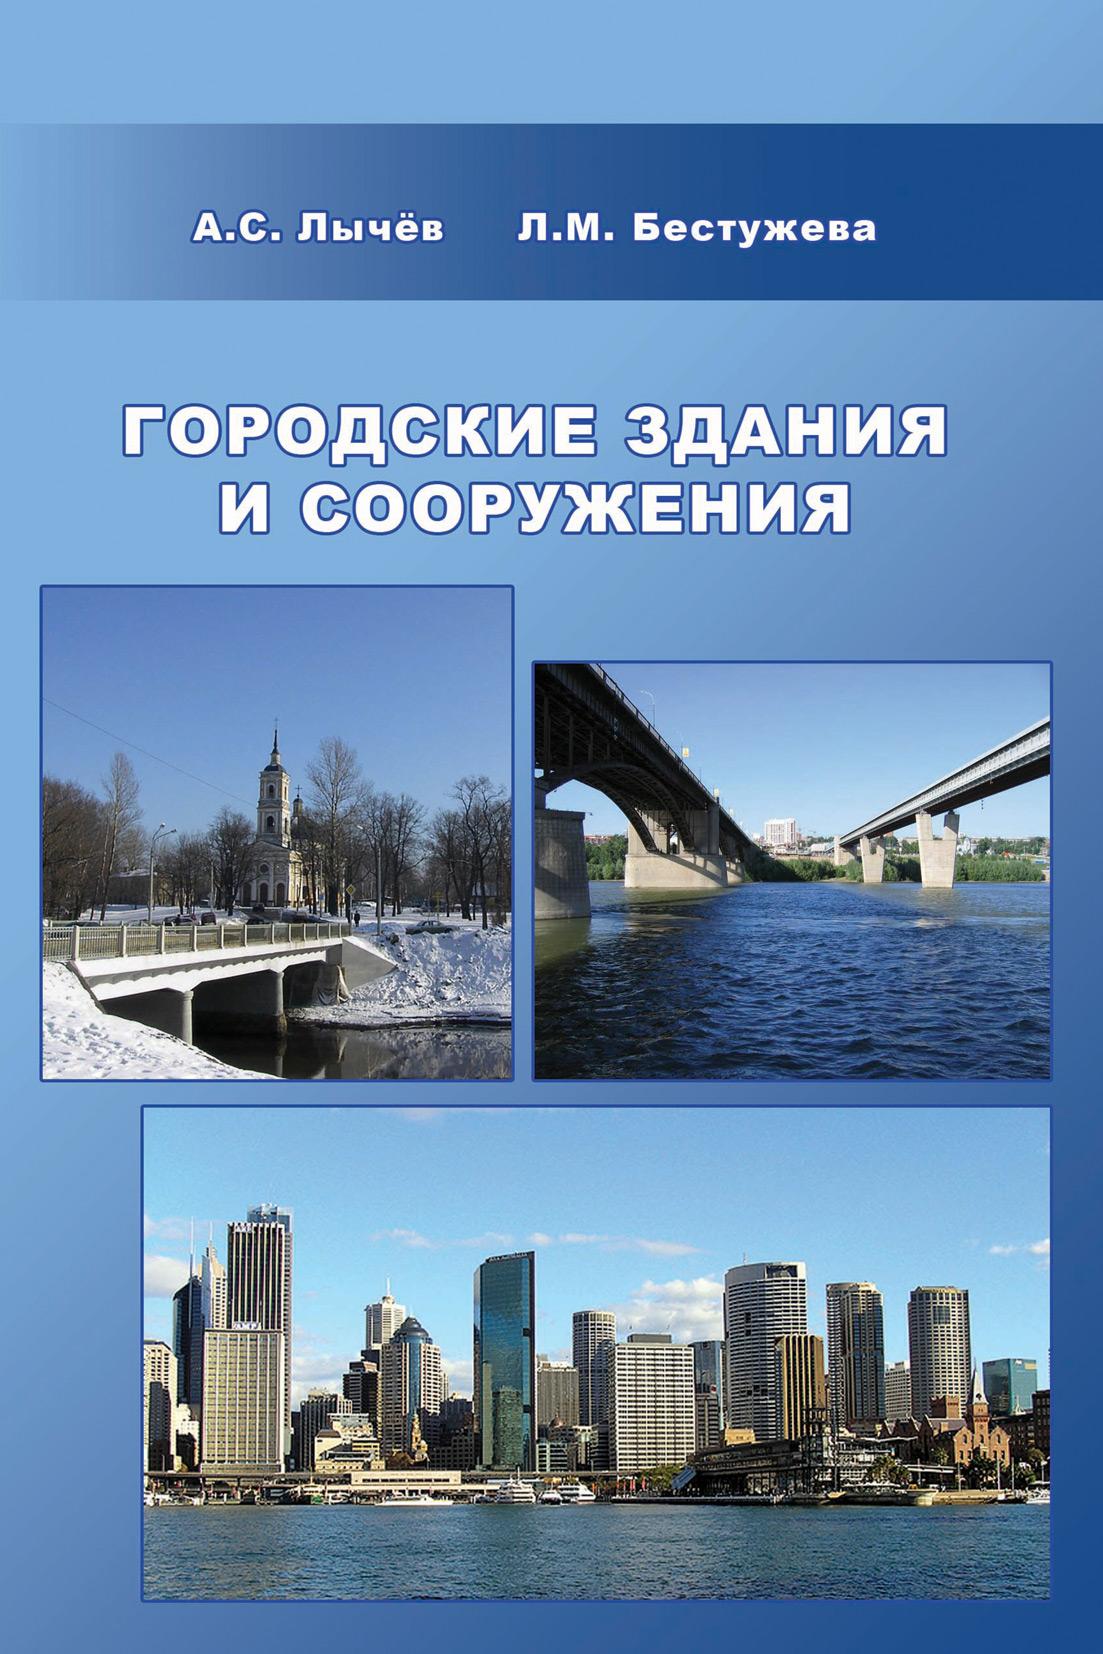 Л. М. Бестужева Городские здания и сооружения лычев а с городские здания и сооружения учебное пособие